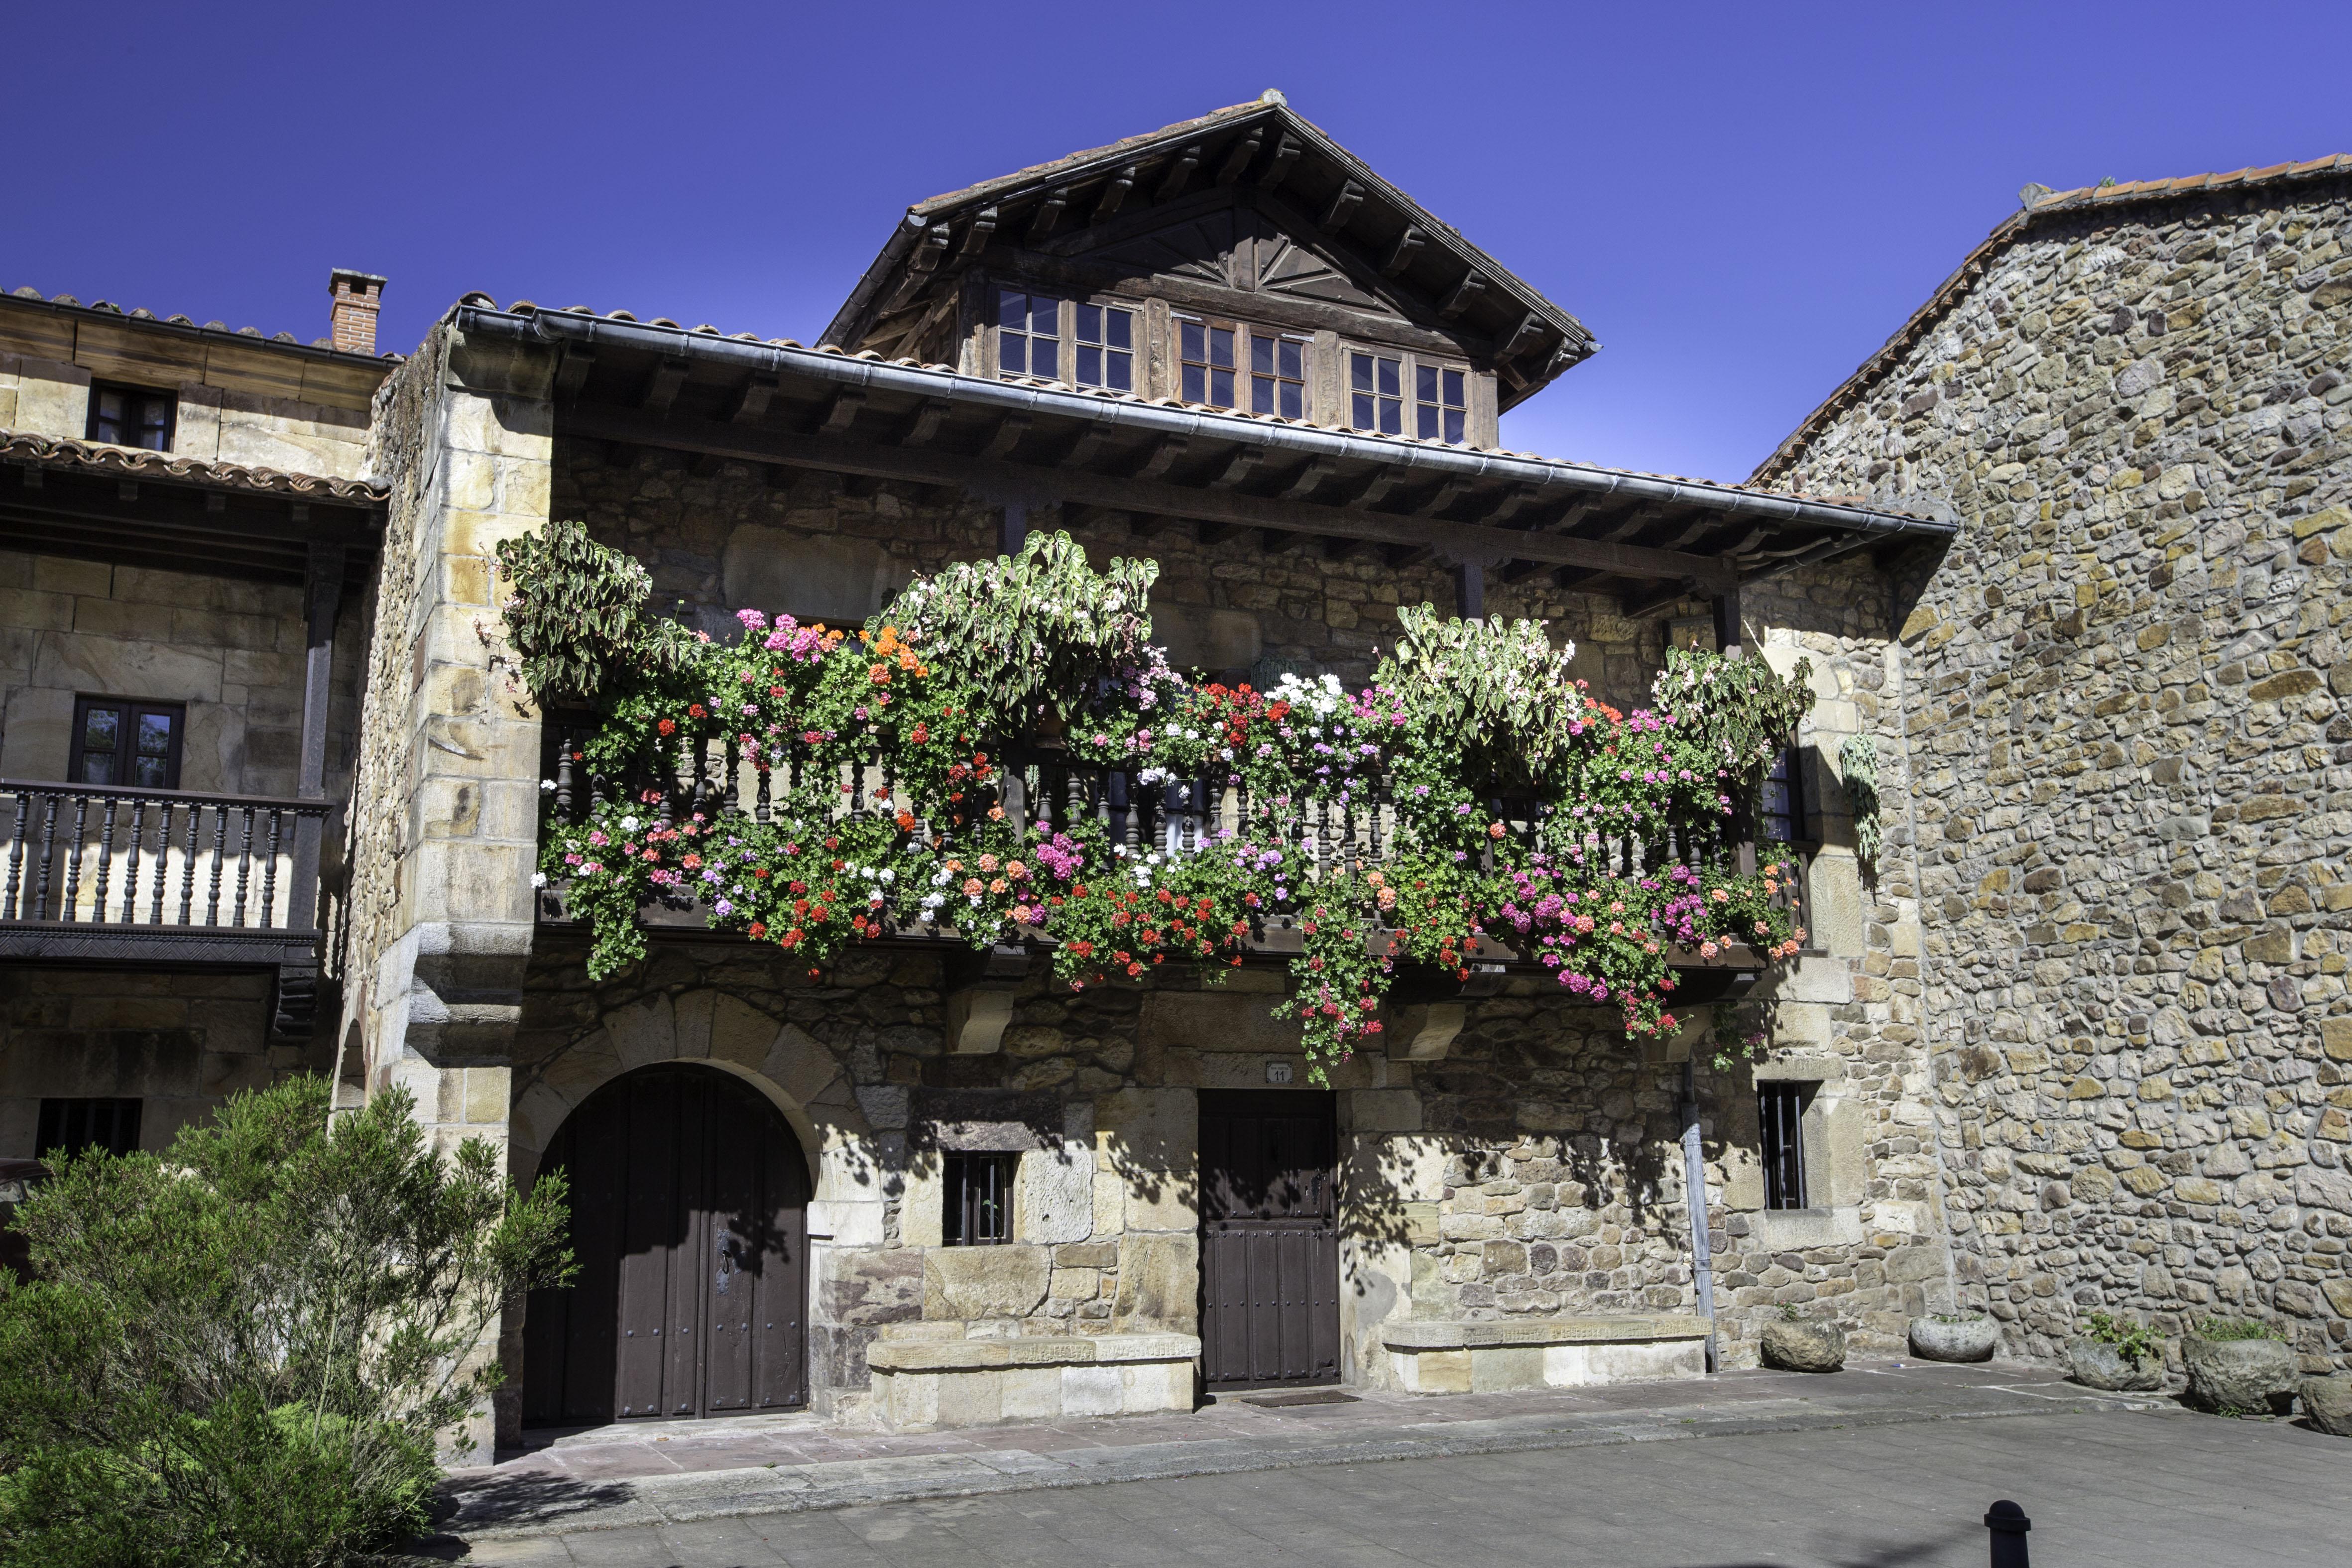 Concurso de balcones y jardines del Ayuntamiento de Liérganes----Foto Roberto Ruiz 21-8-2017